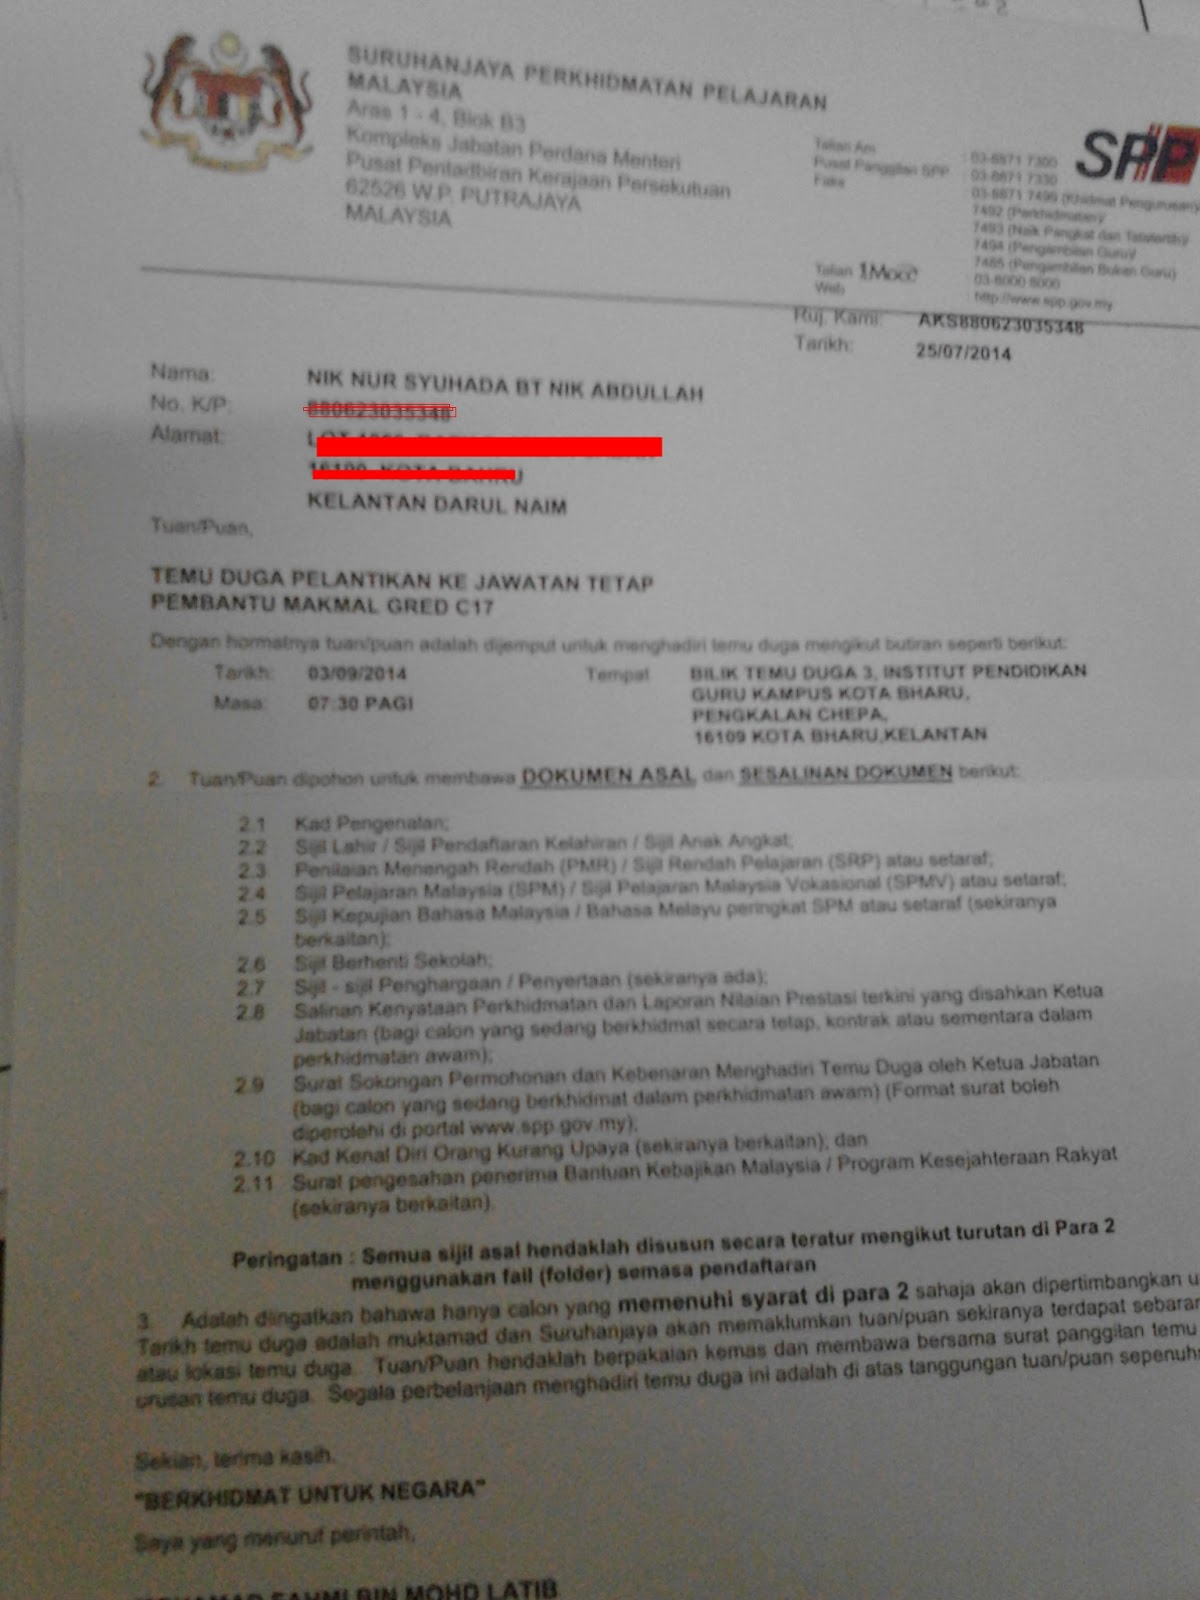 Nikki Ada Abdullah Temuduga Pembantu Makmal Gred C17 Spp